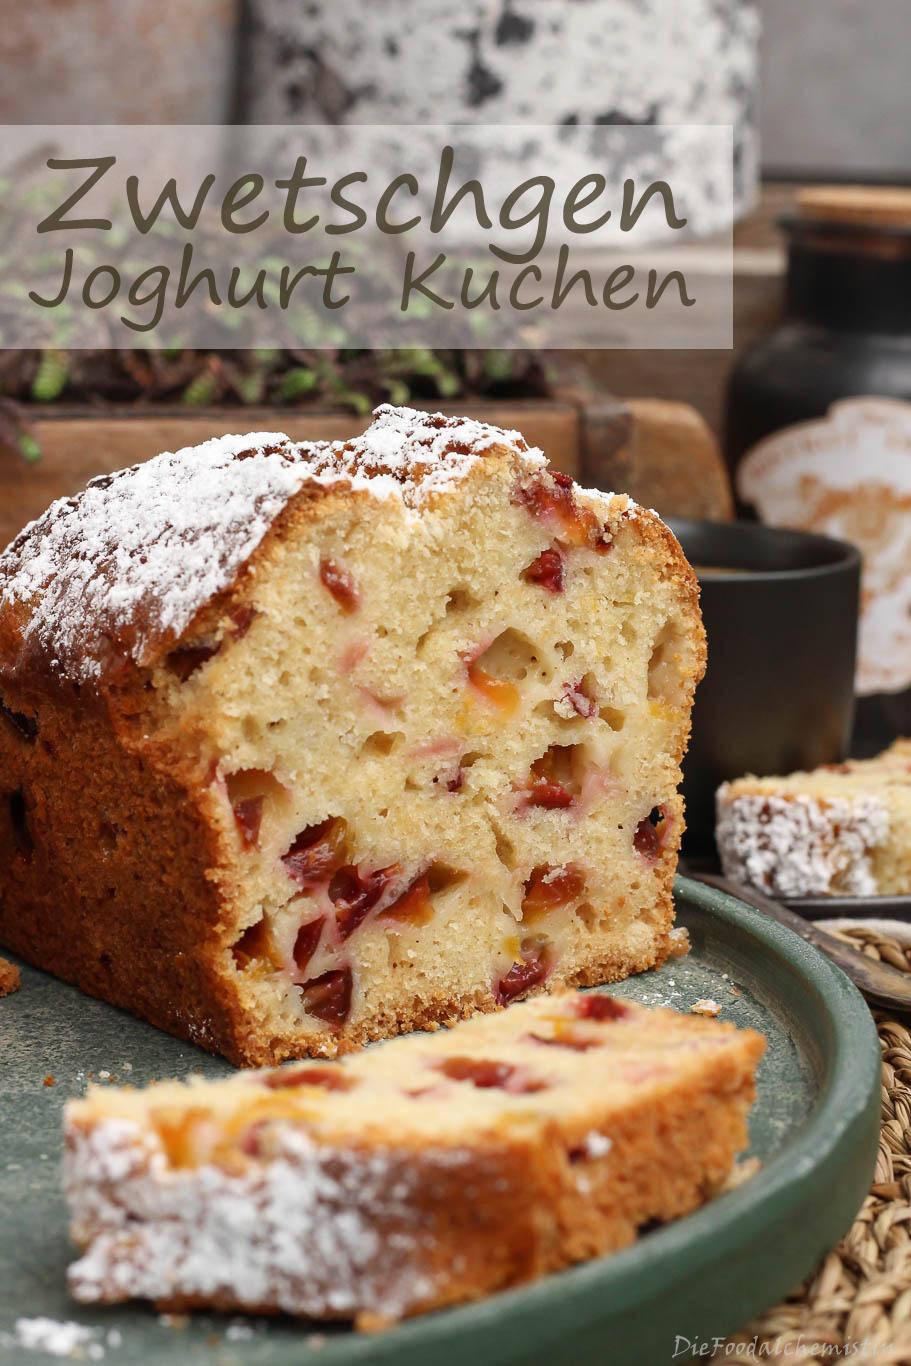 Zwetschgen-Joghurt-Kuchen4